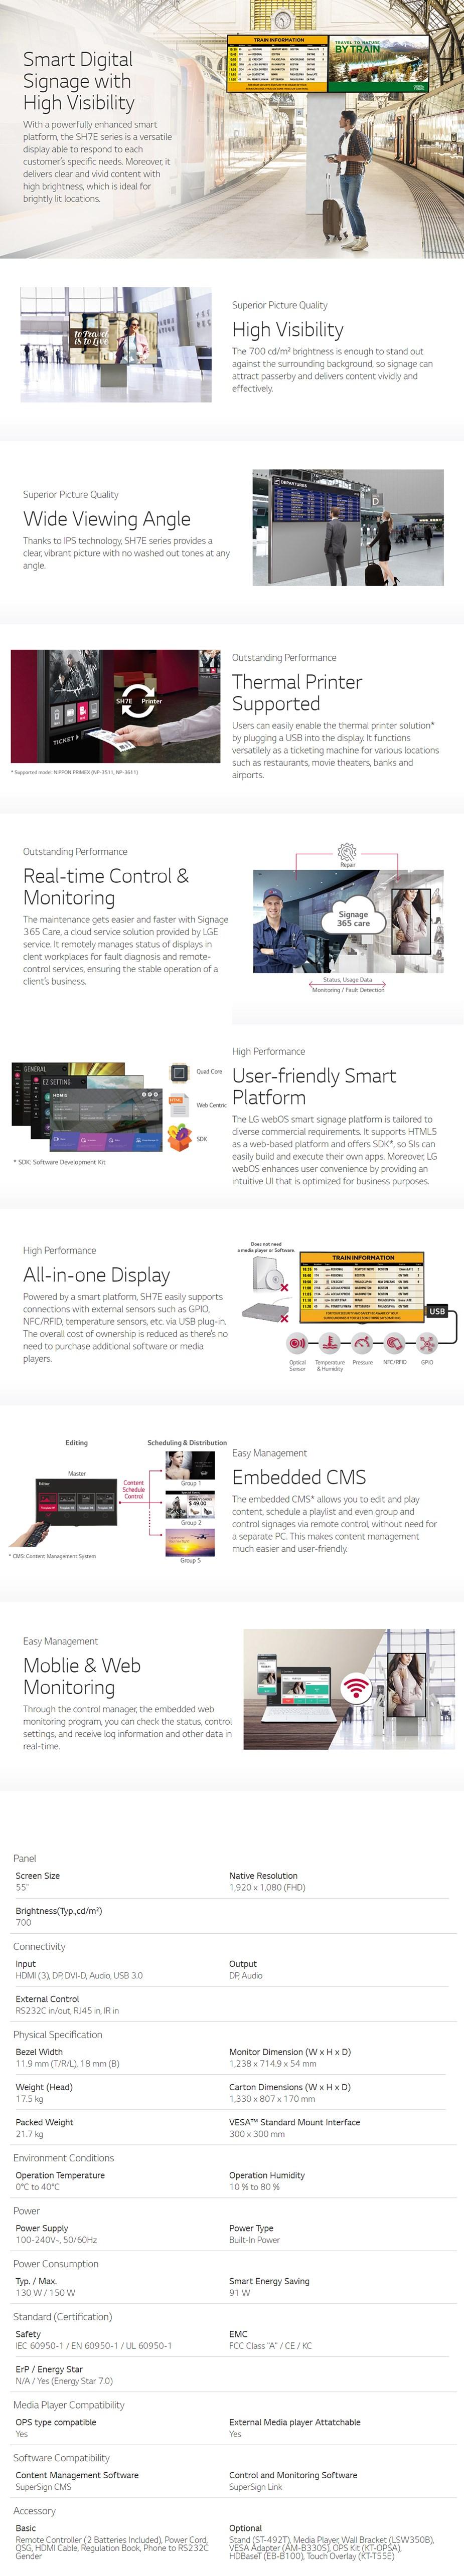 """LG SH7E 55"""" Full HD IPS LED Commercial Display - Desktop Overview 1"""